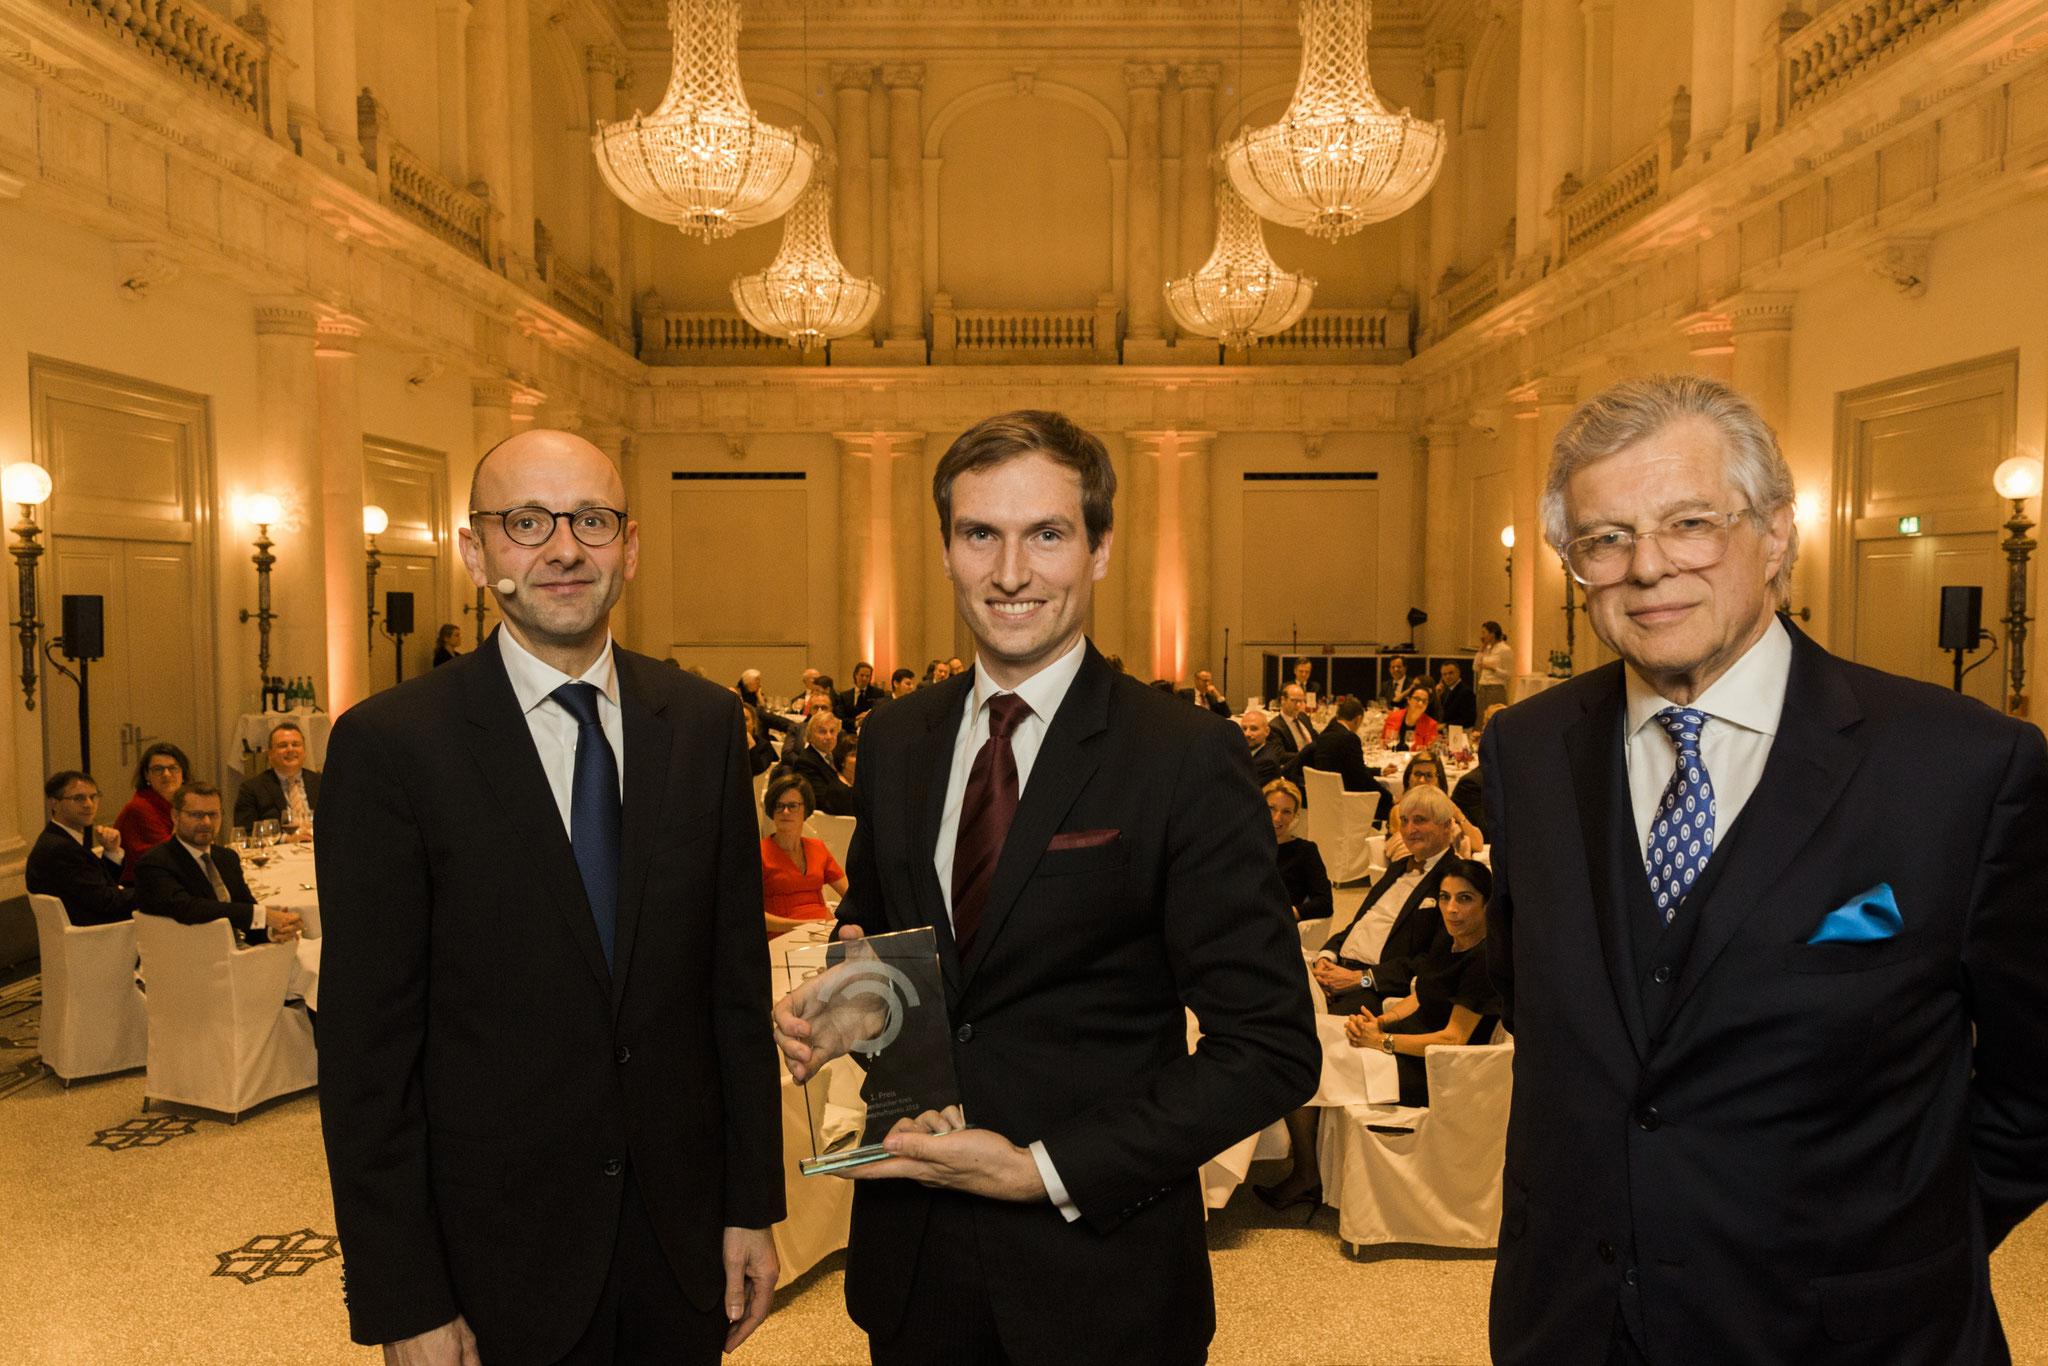 Lucas Flöther, Patrick Keinert, first prize Research Award, Bruno Kübler © 2018 Sven Döring